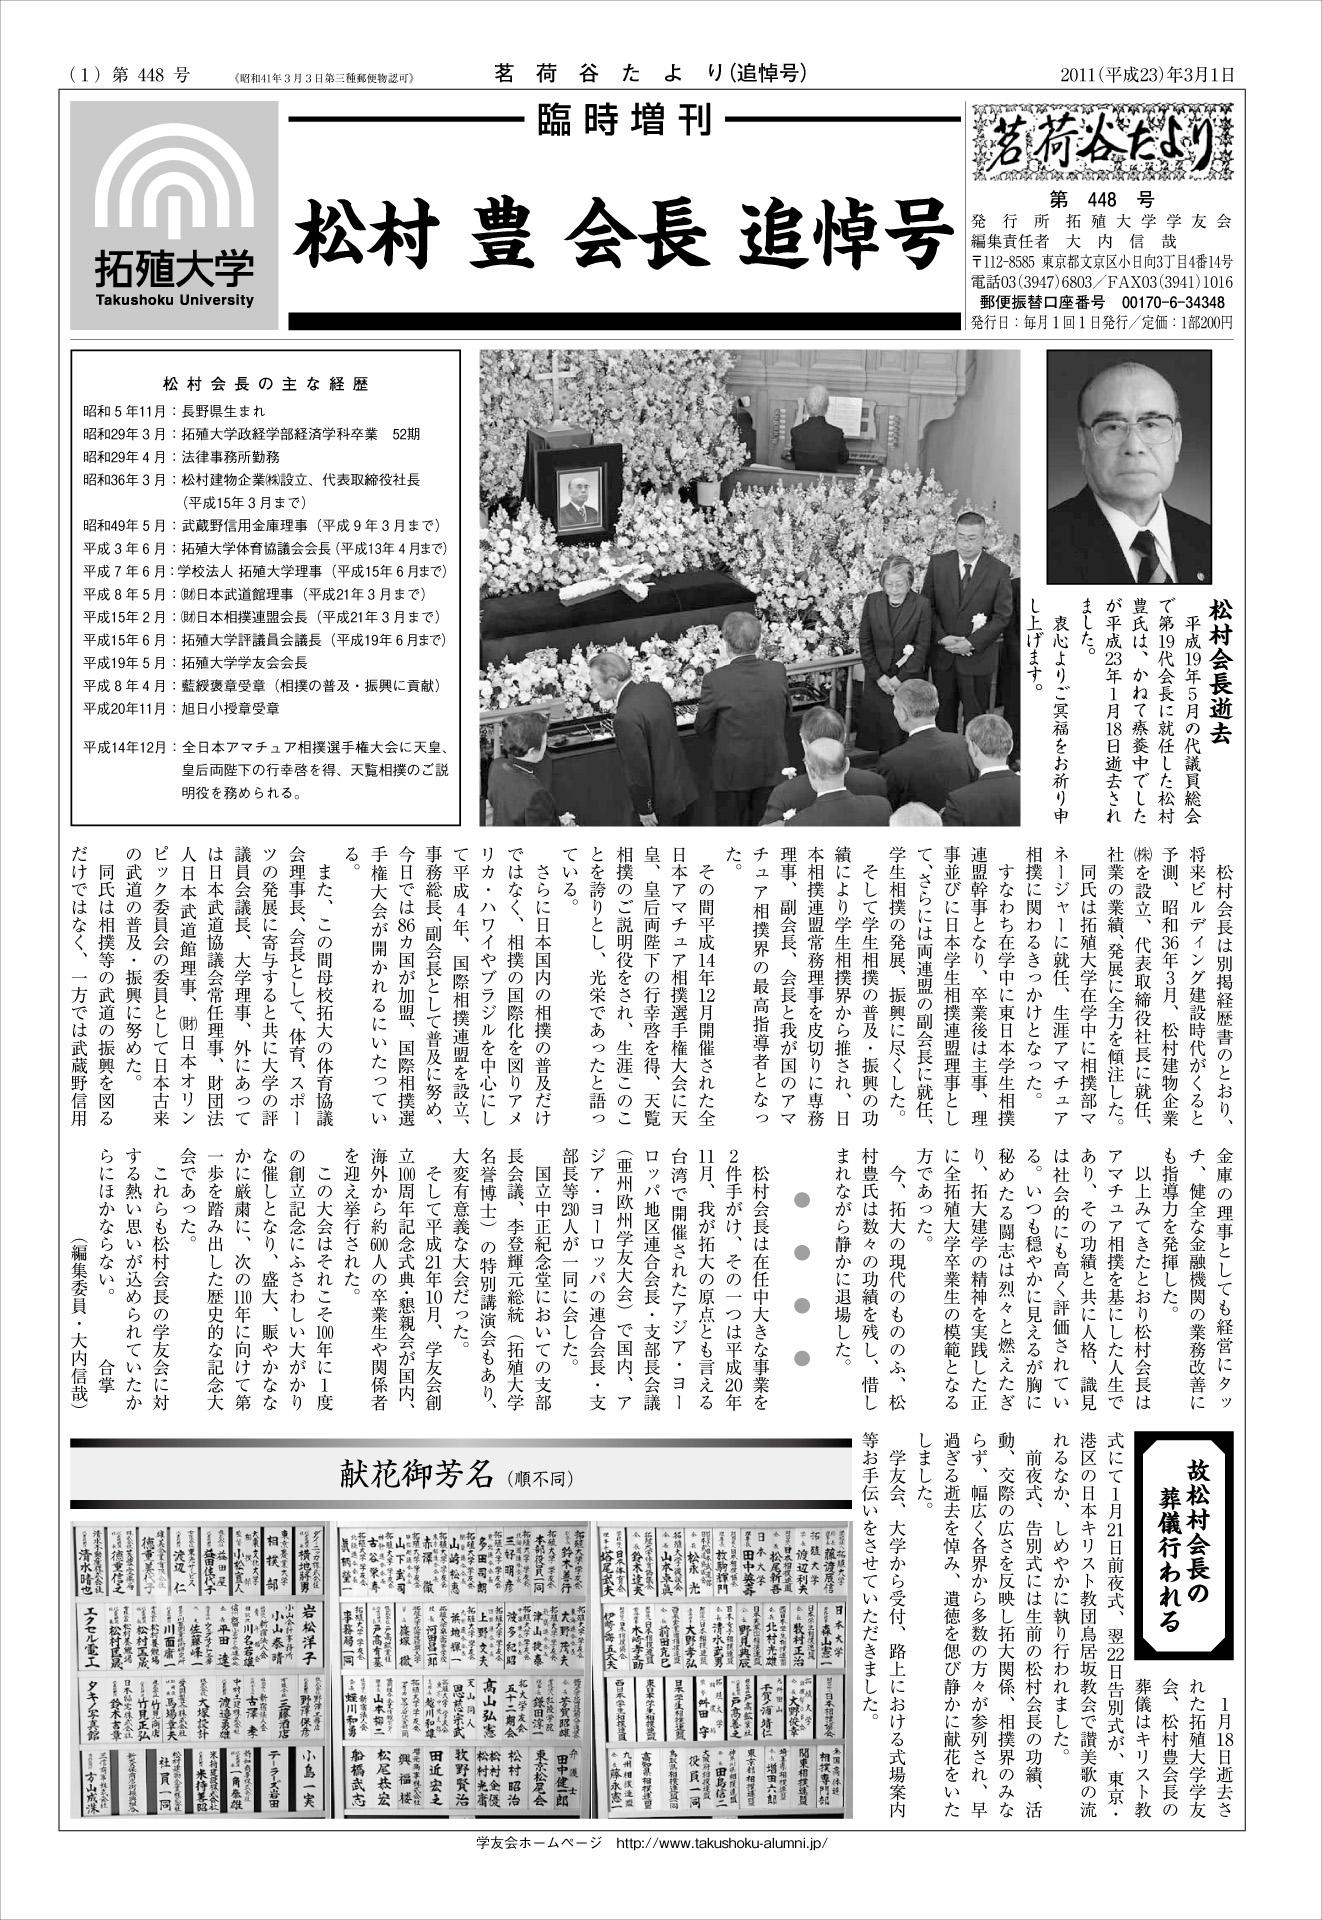 茗荷谷たより松村豊会長追悼号(第448号)表紙